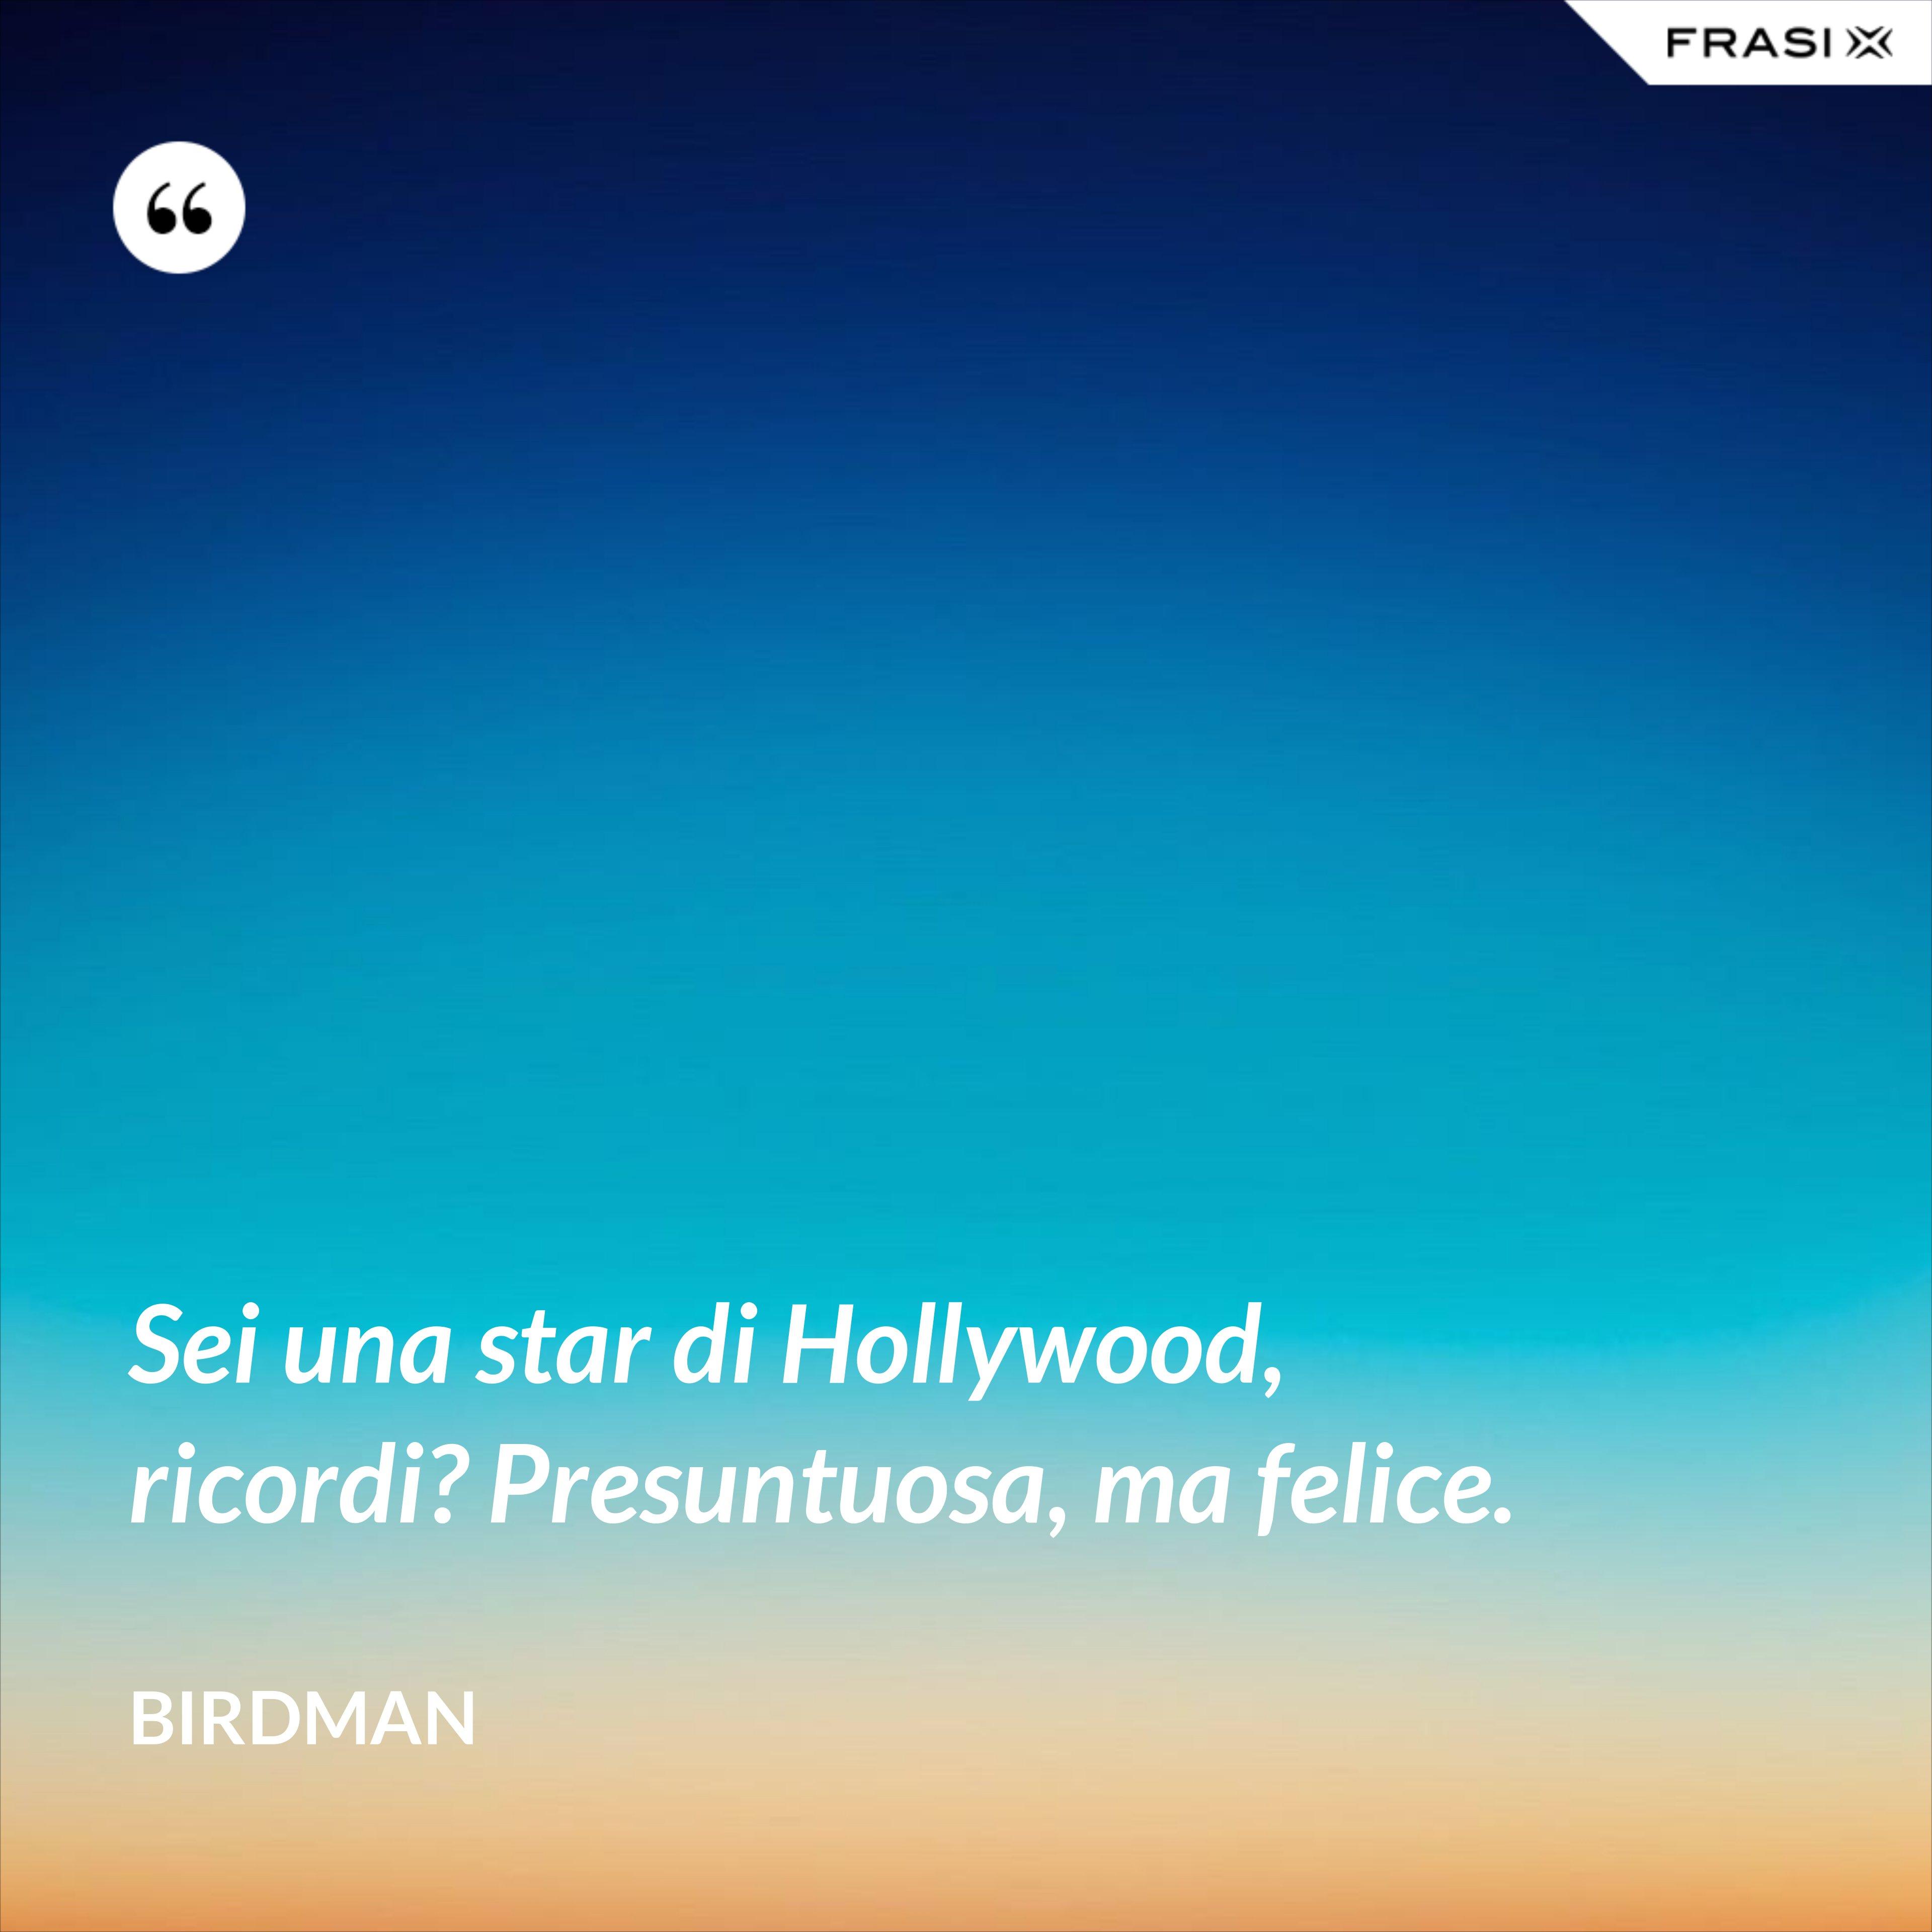 Sei una star di Hollywood, ricordi? Presuntuosa, ma felice. - Birdman